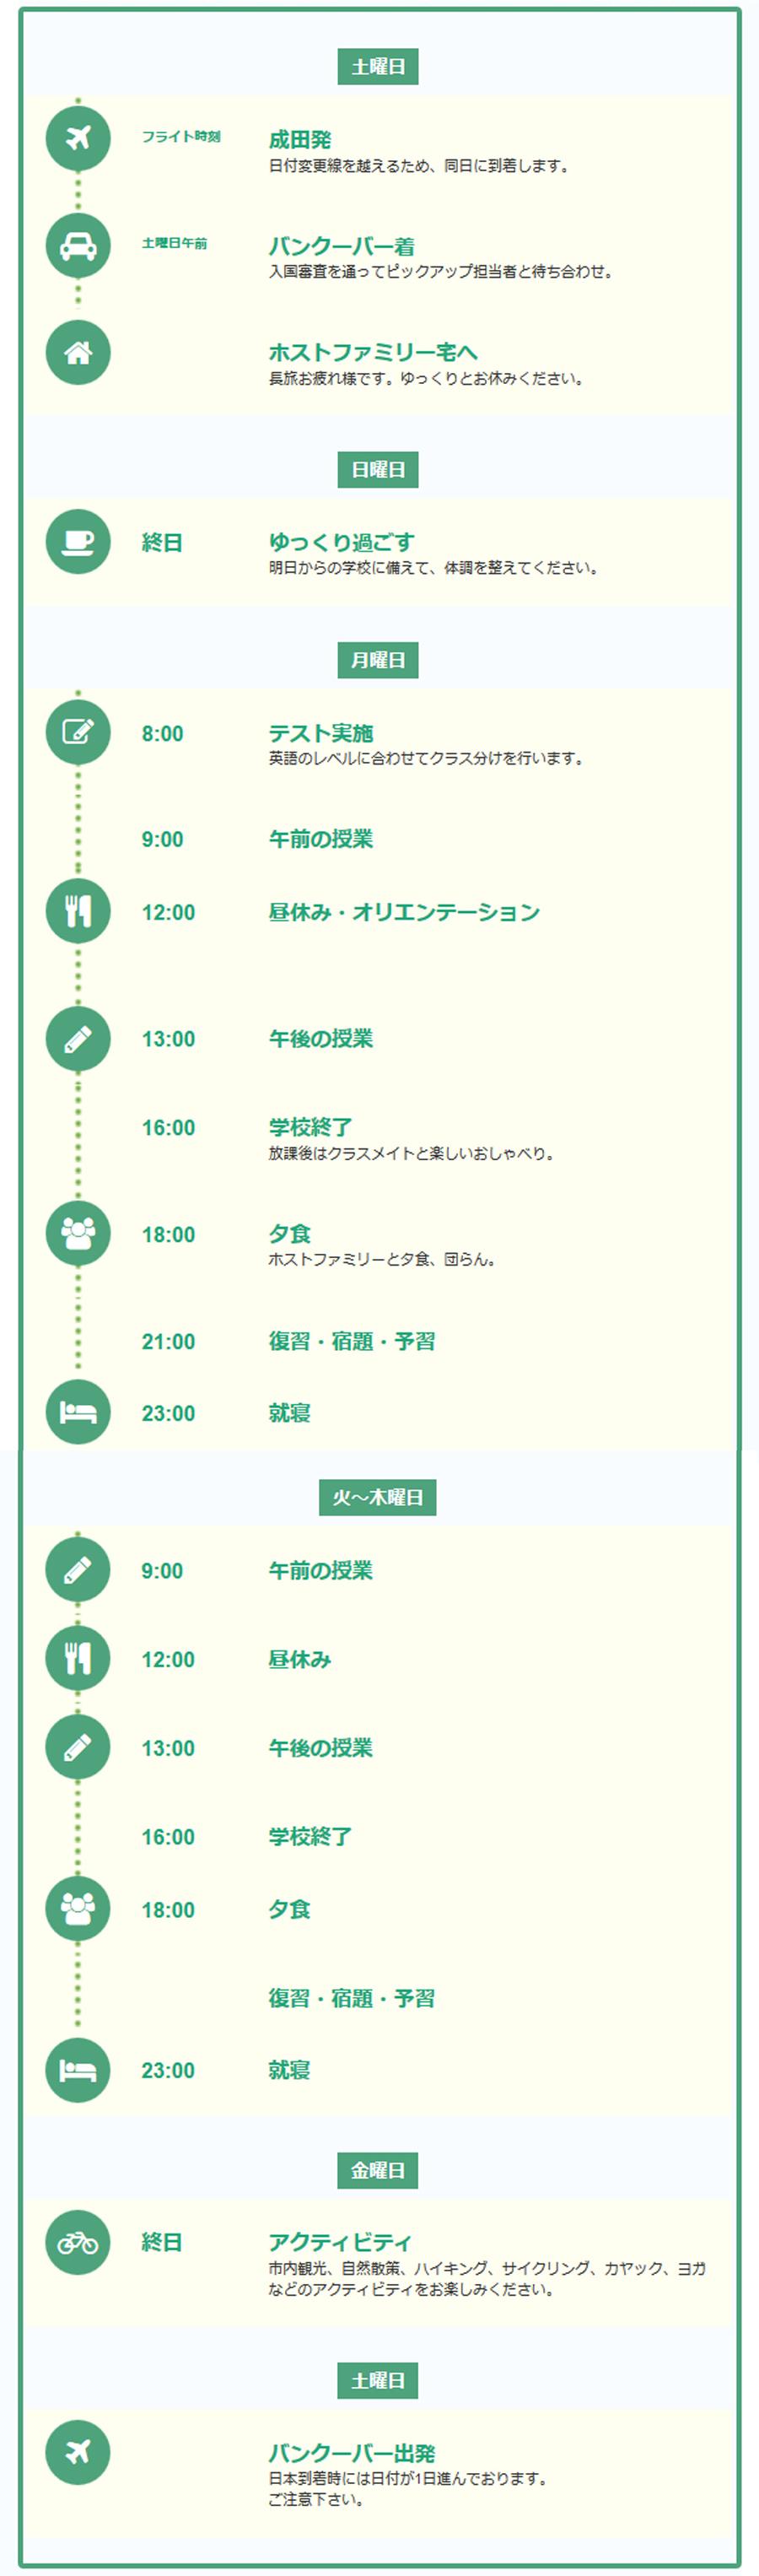 50man-schedule